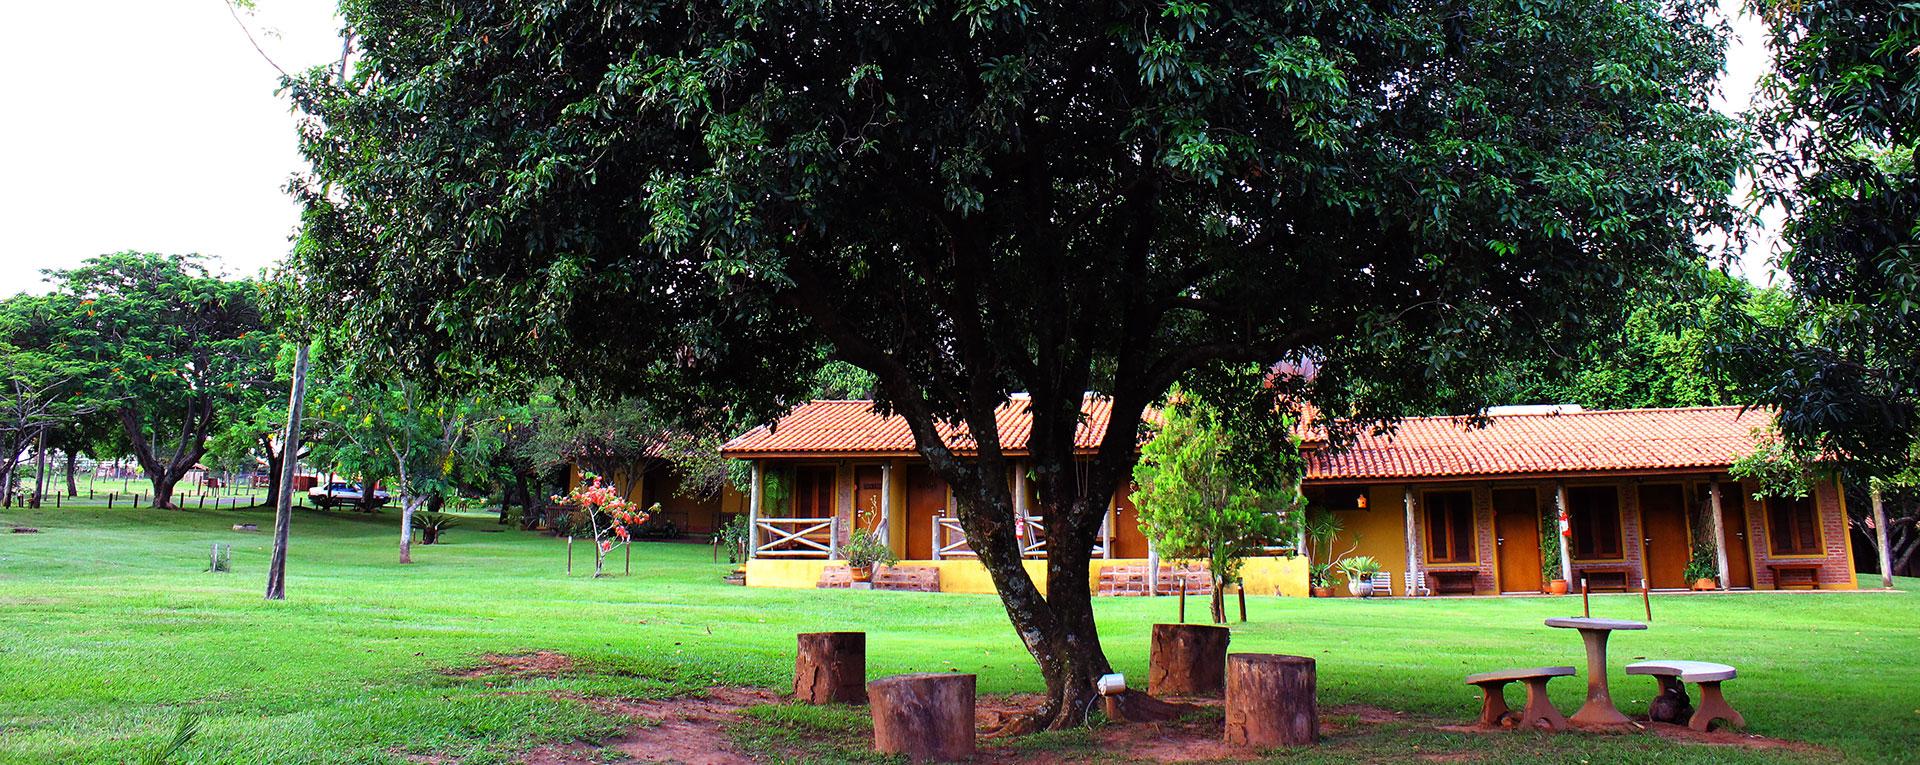 Hotel Fazenda em Brotas